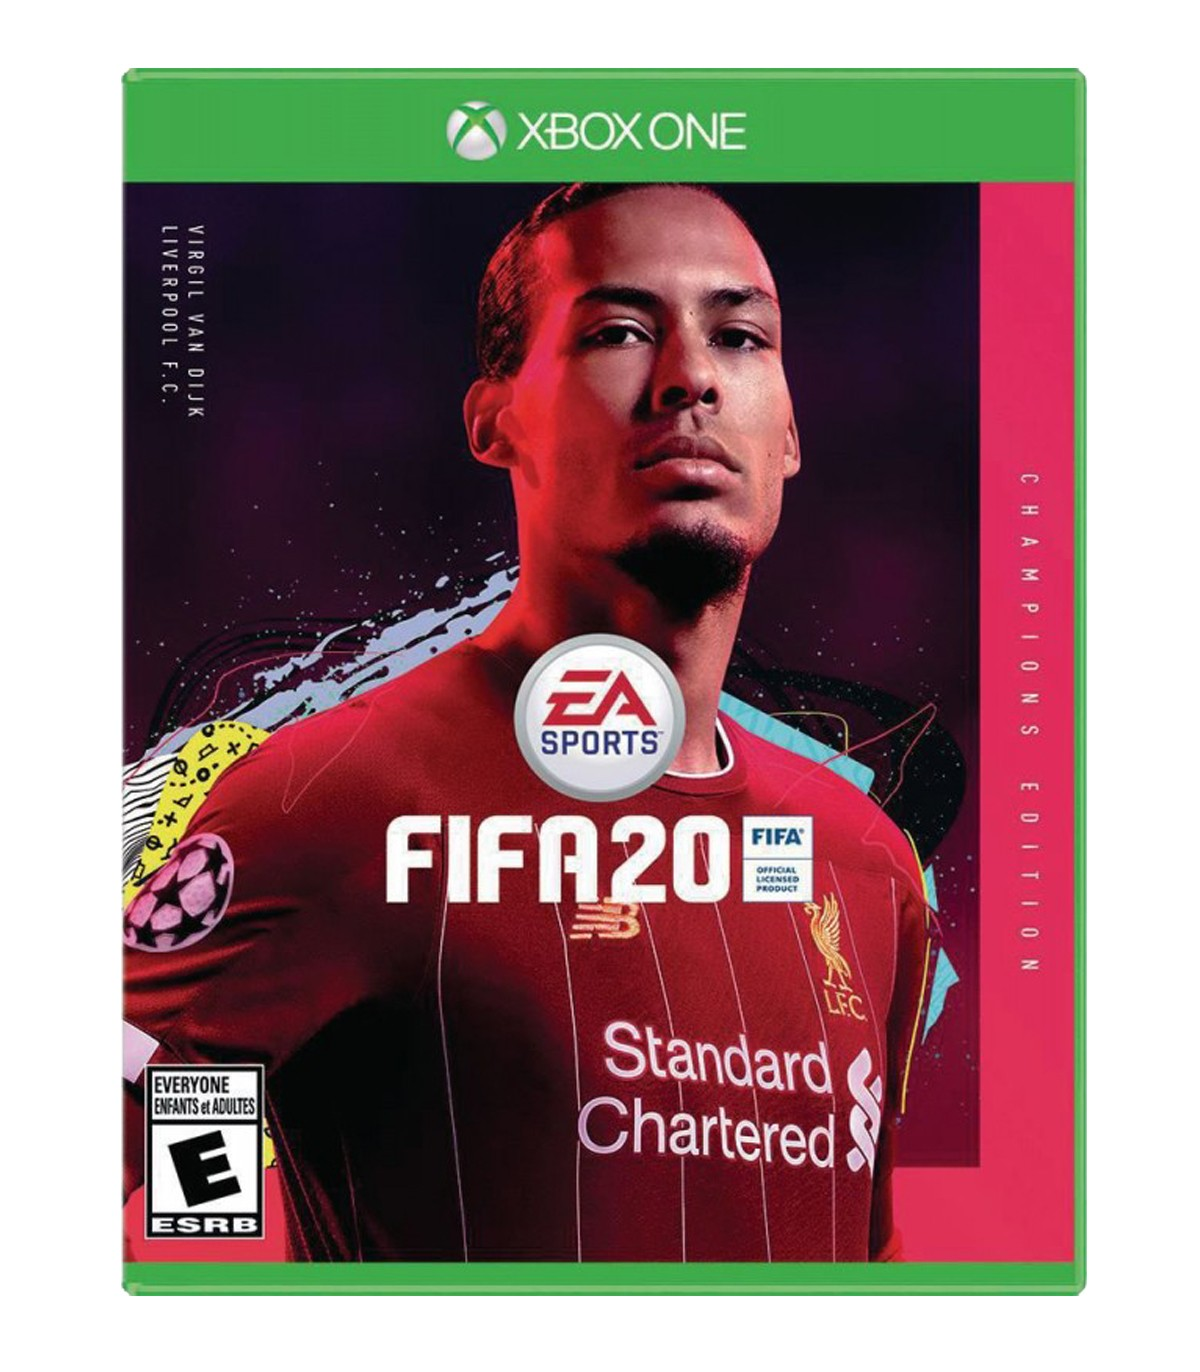 بازی FIFA 20 Champions Edition کارکرده - ایکس باکس وان